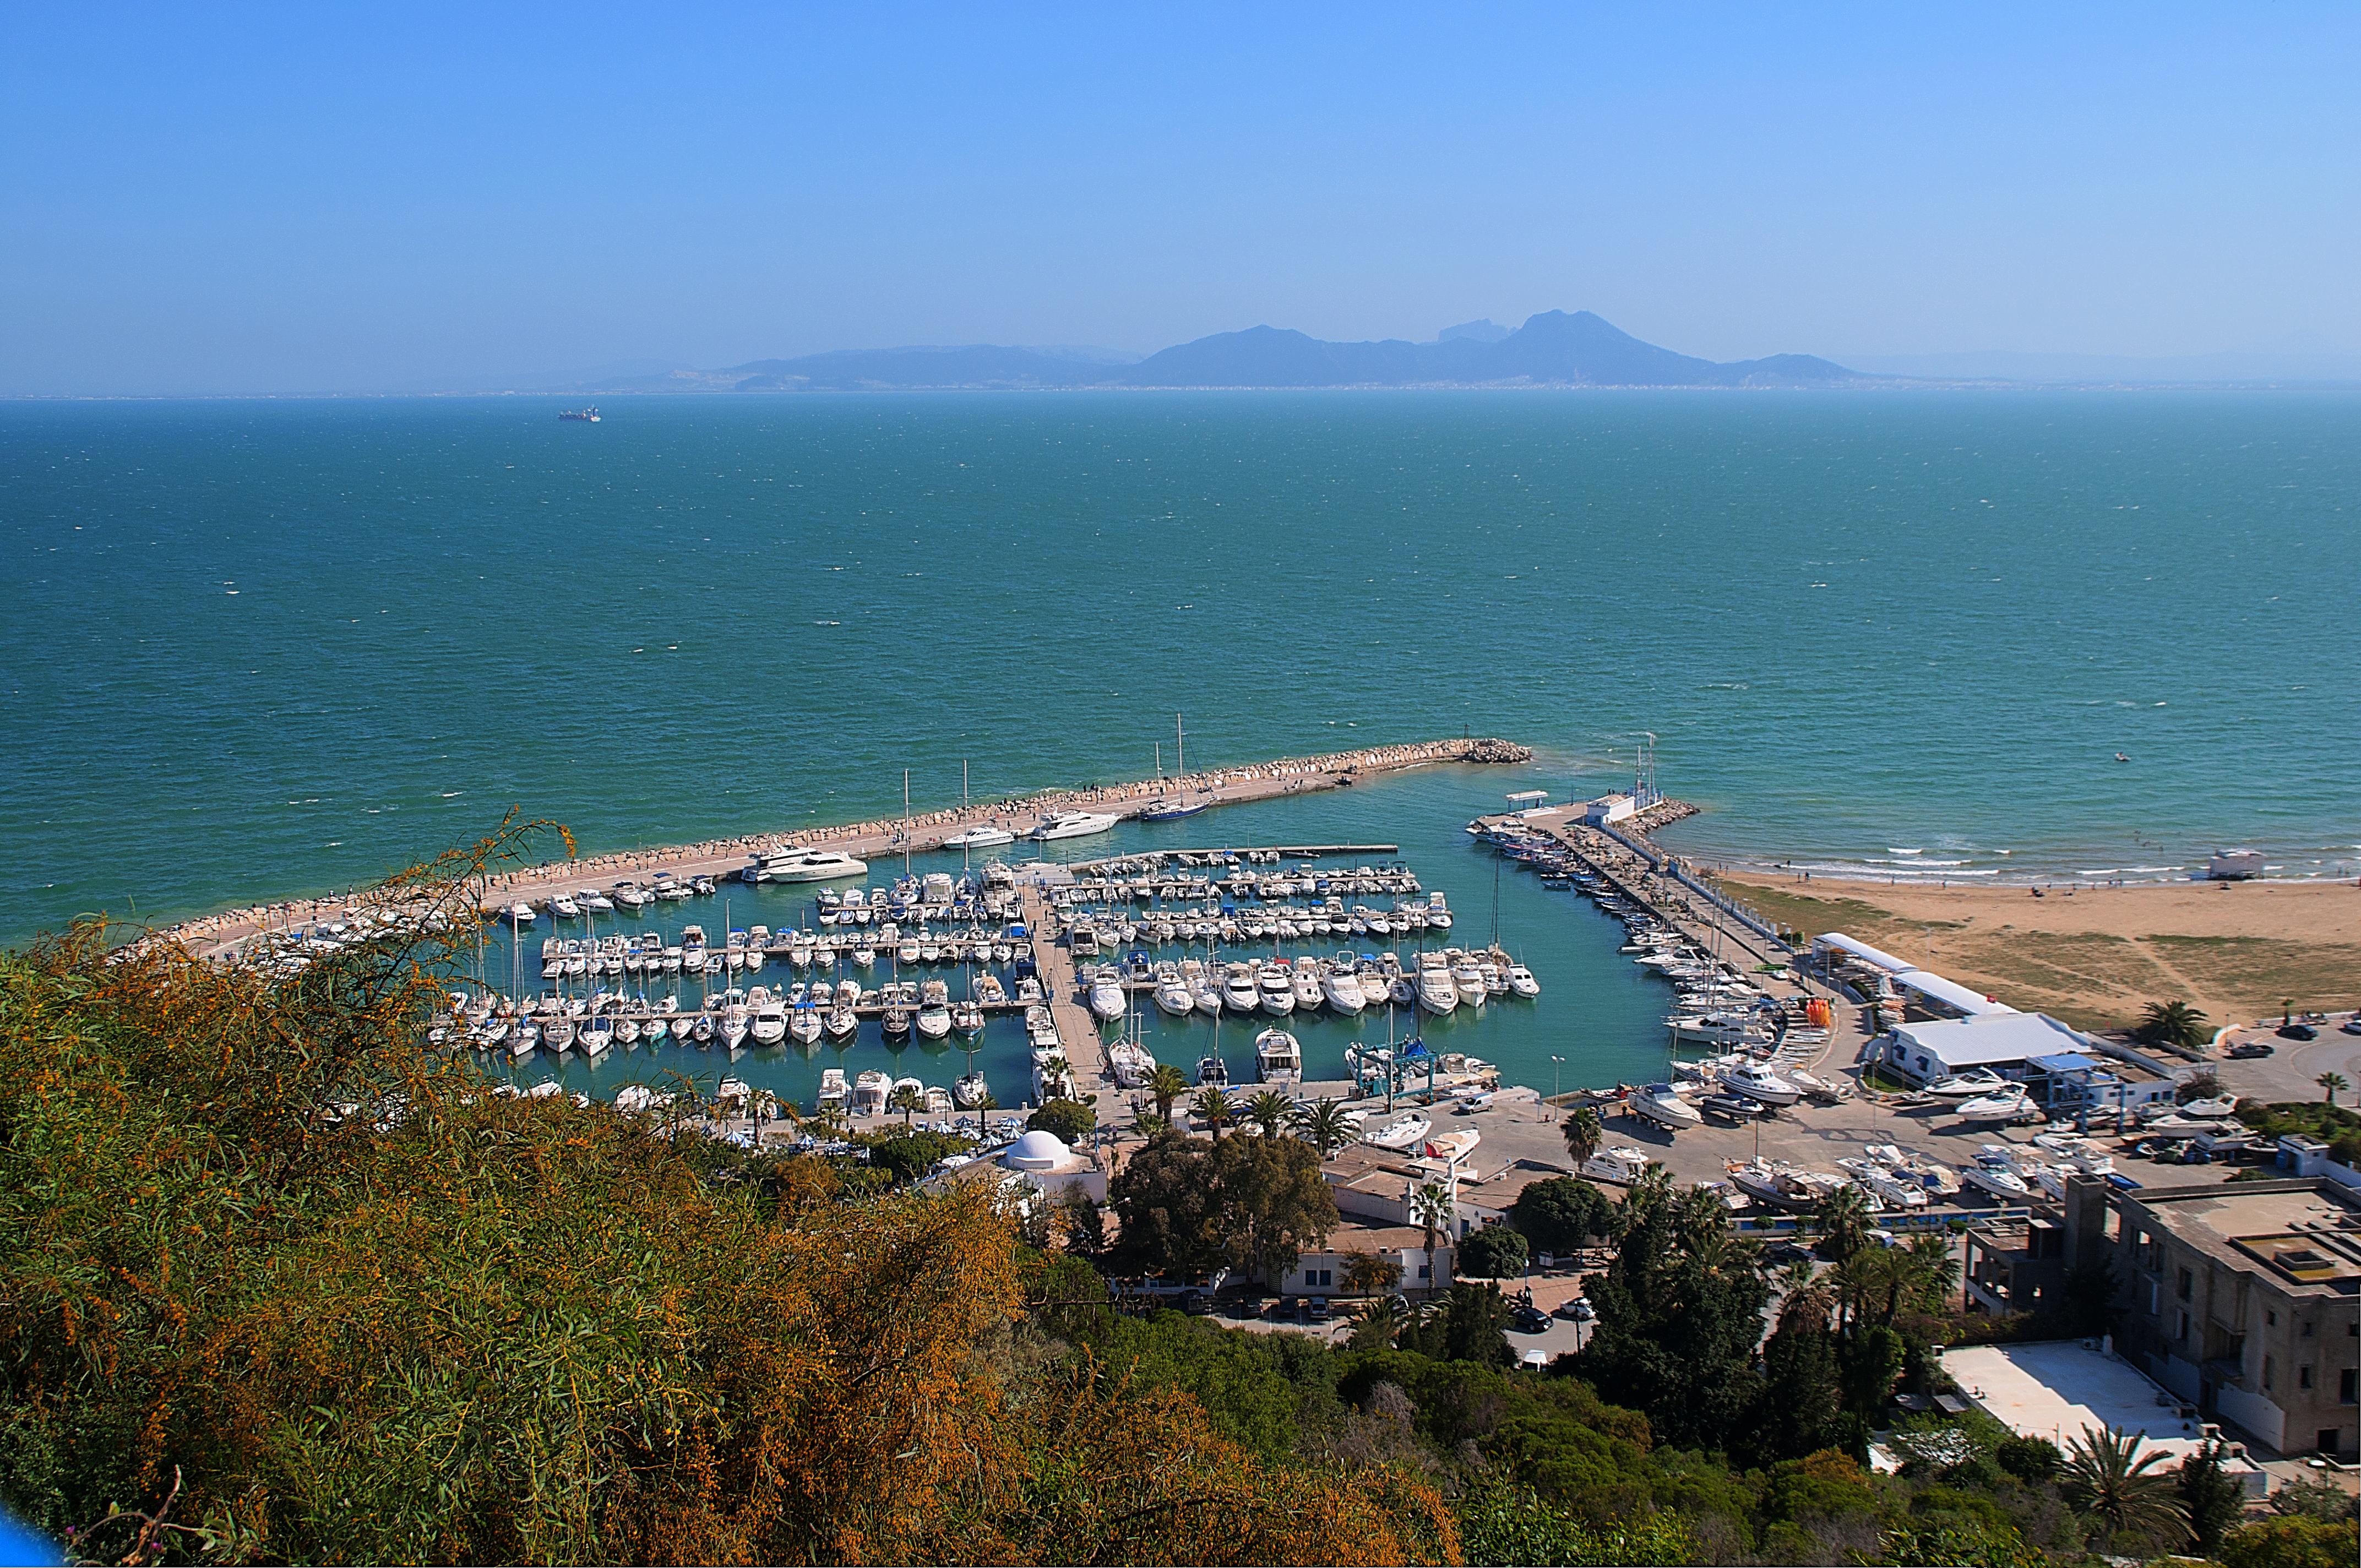 الميناء الترفيهي بسيدي بو سعيد .